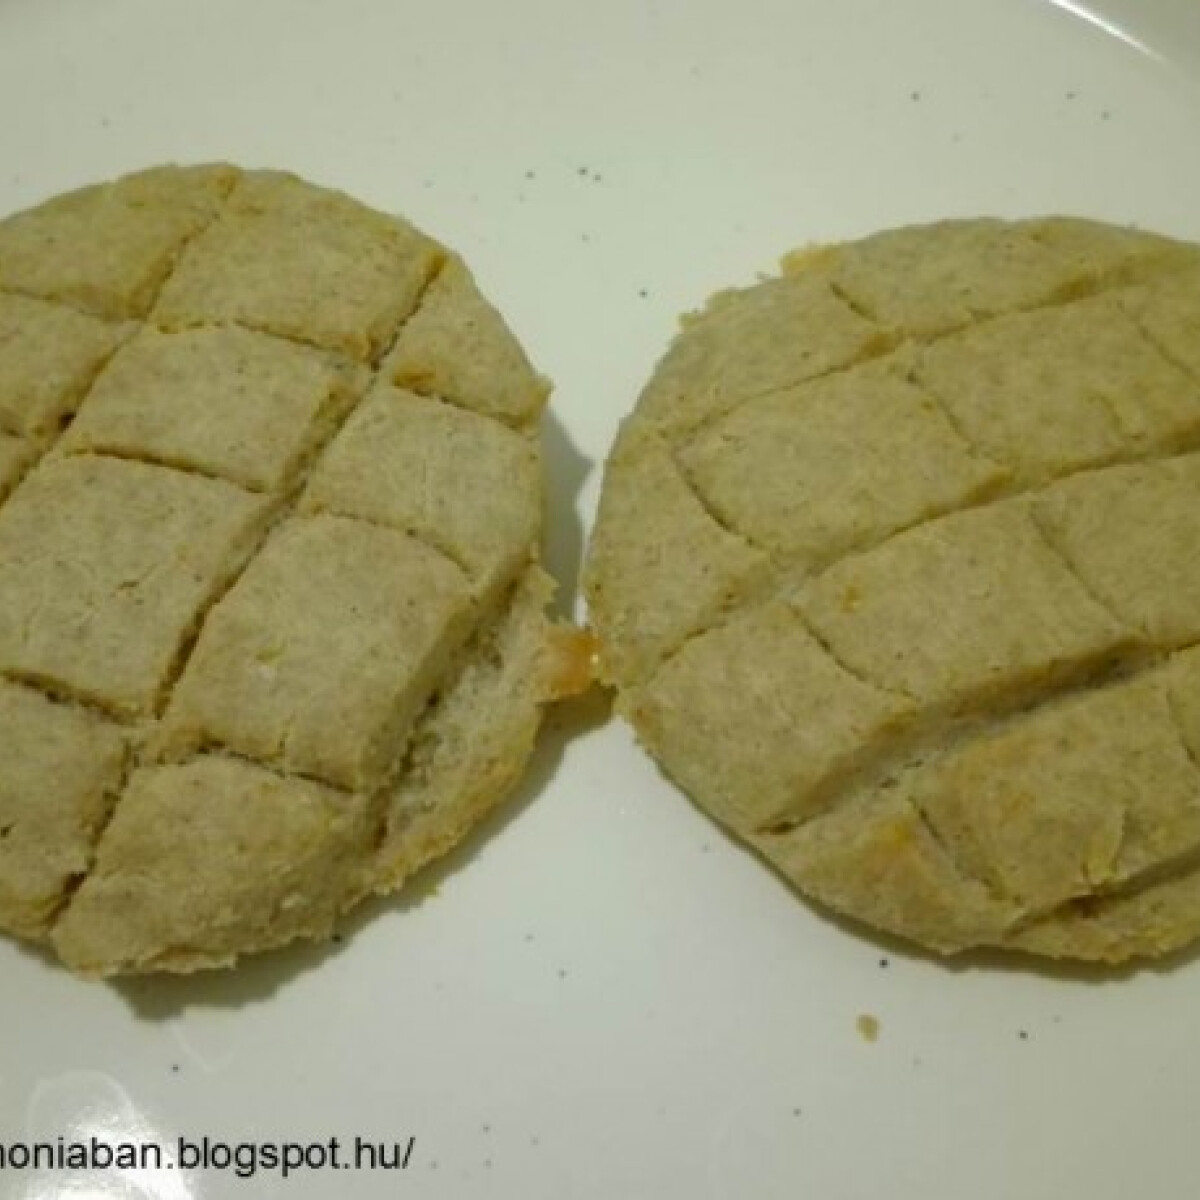 Ezen a képen: Gluténmentes, élesztőmentes pogácsa